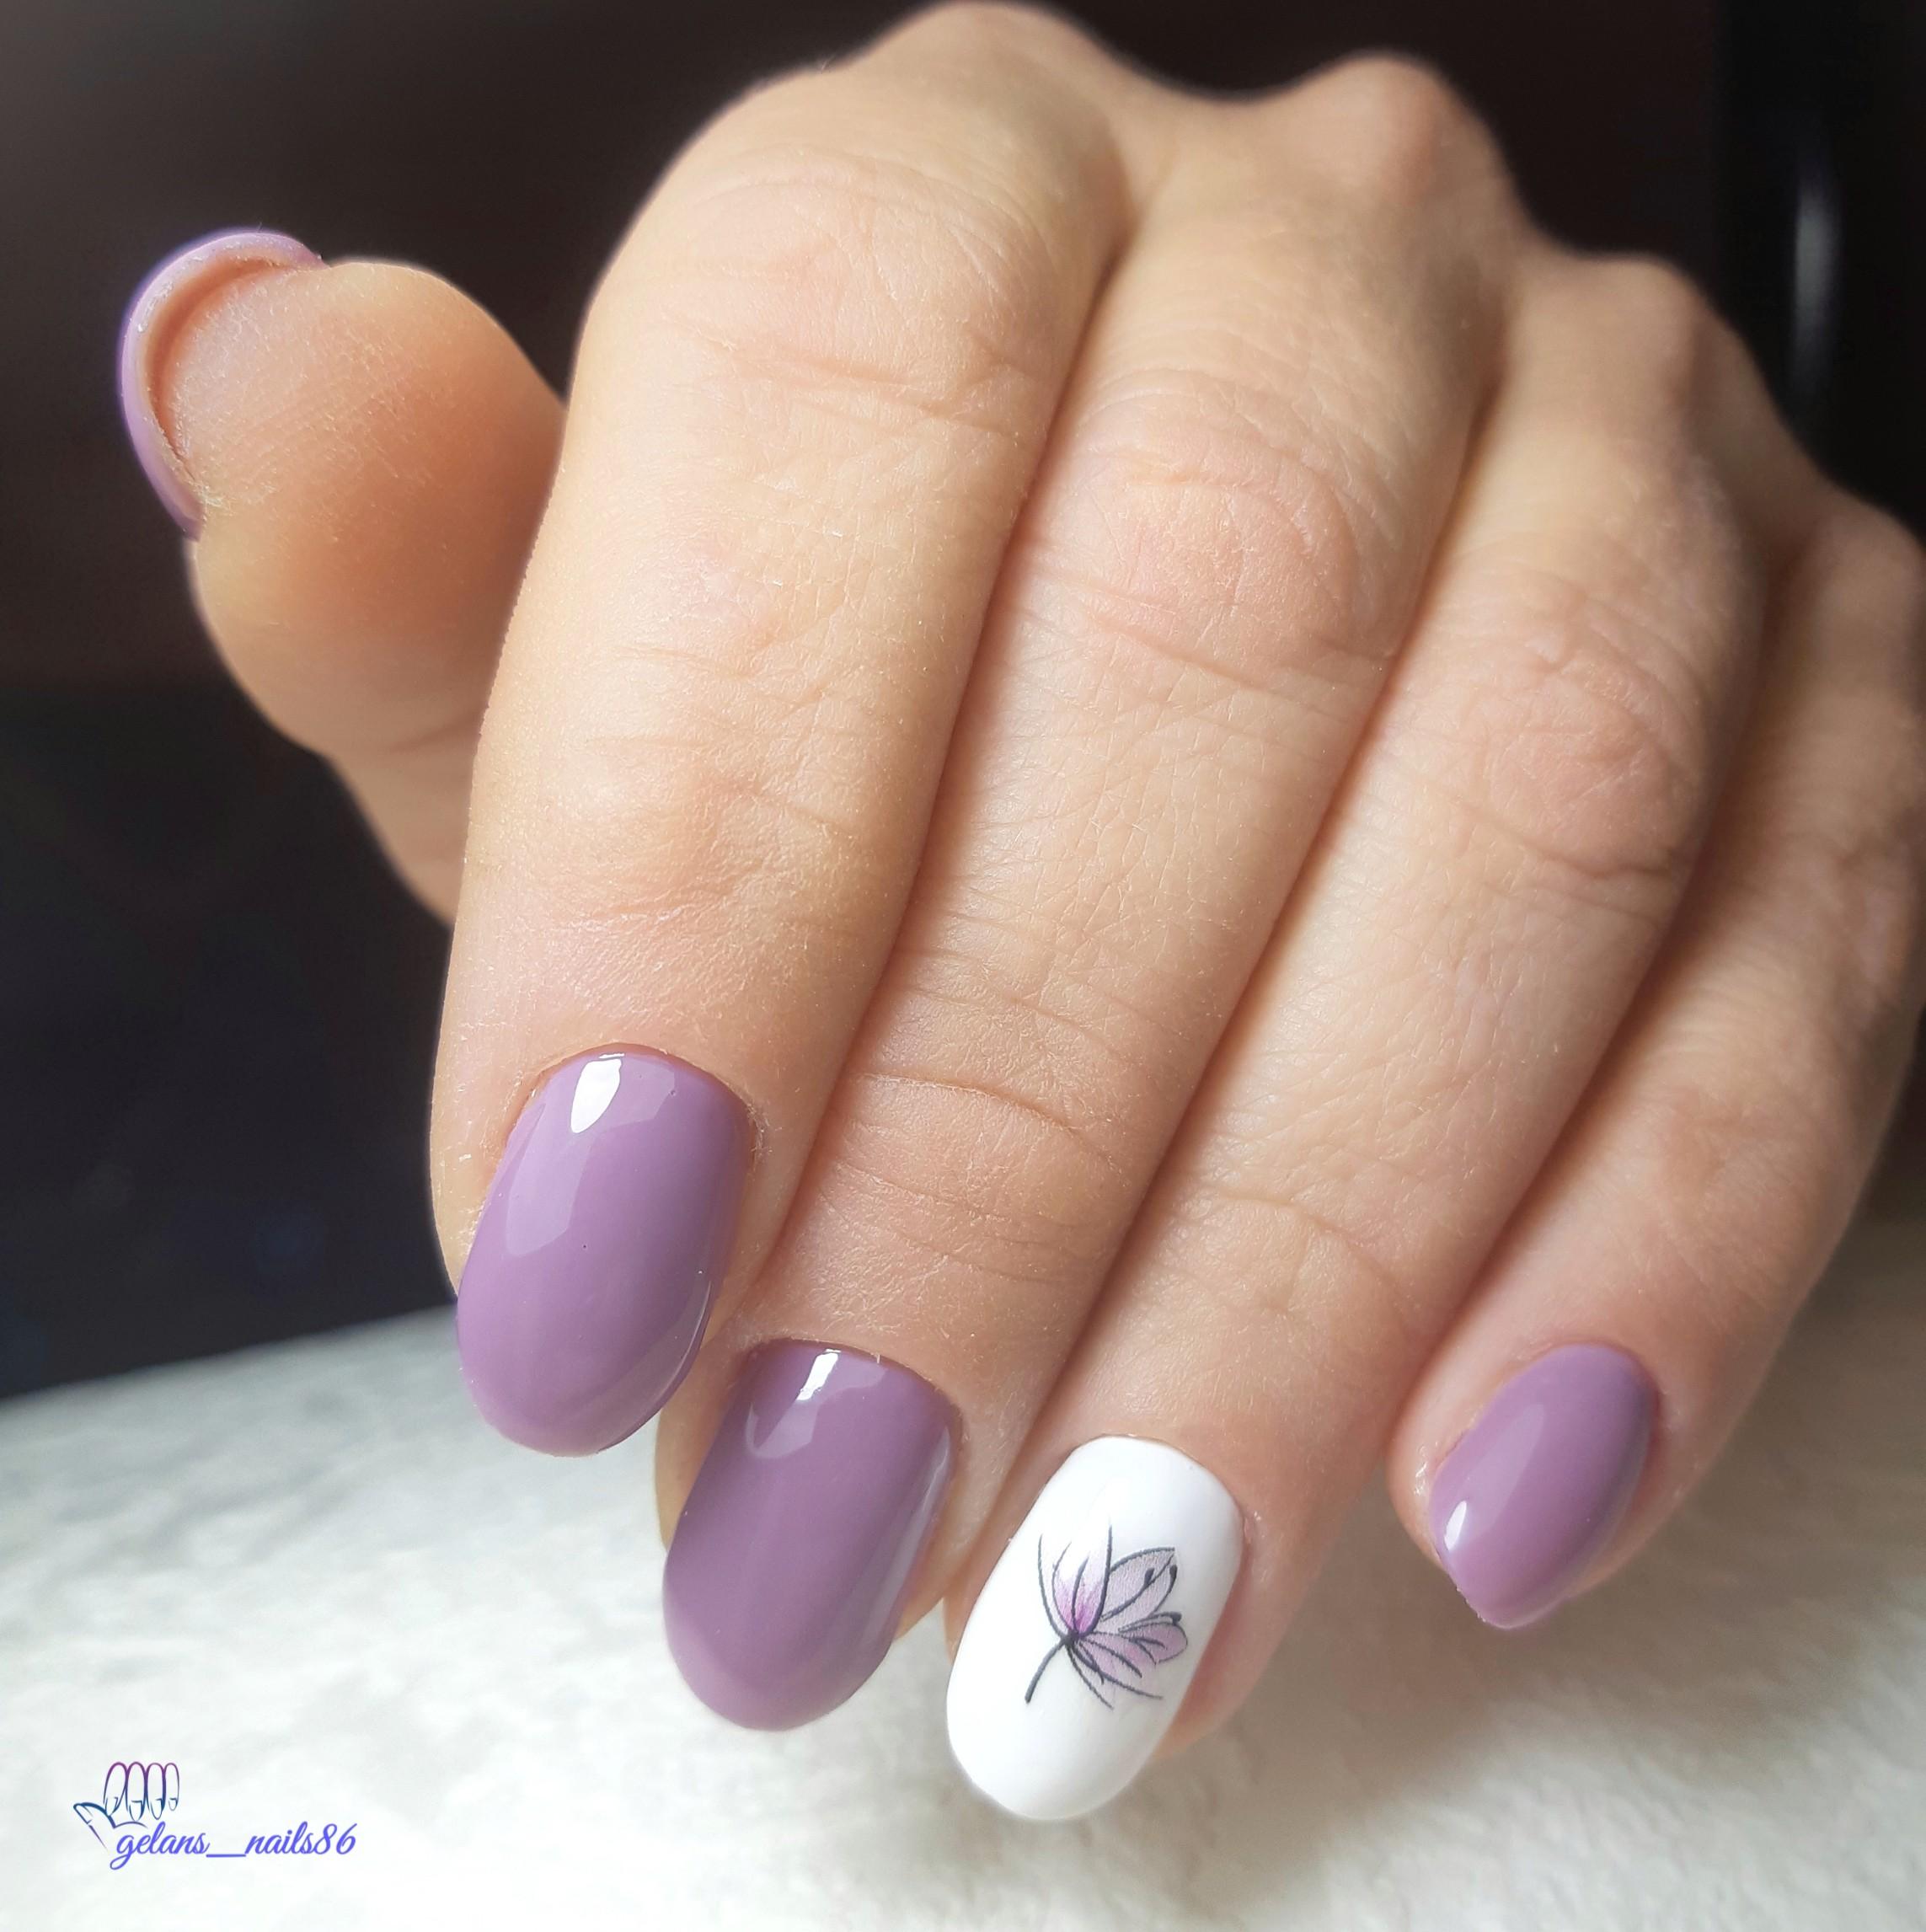 Маникюр в сиреневом цвете с белым дизайном и цветочным слайдером.